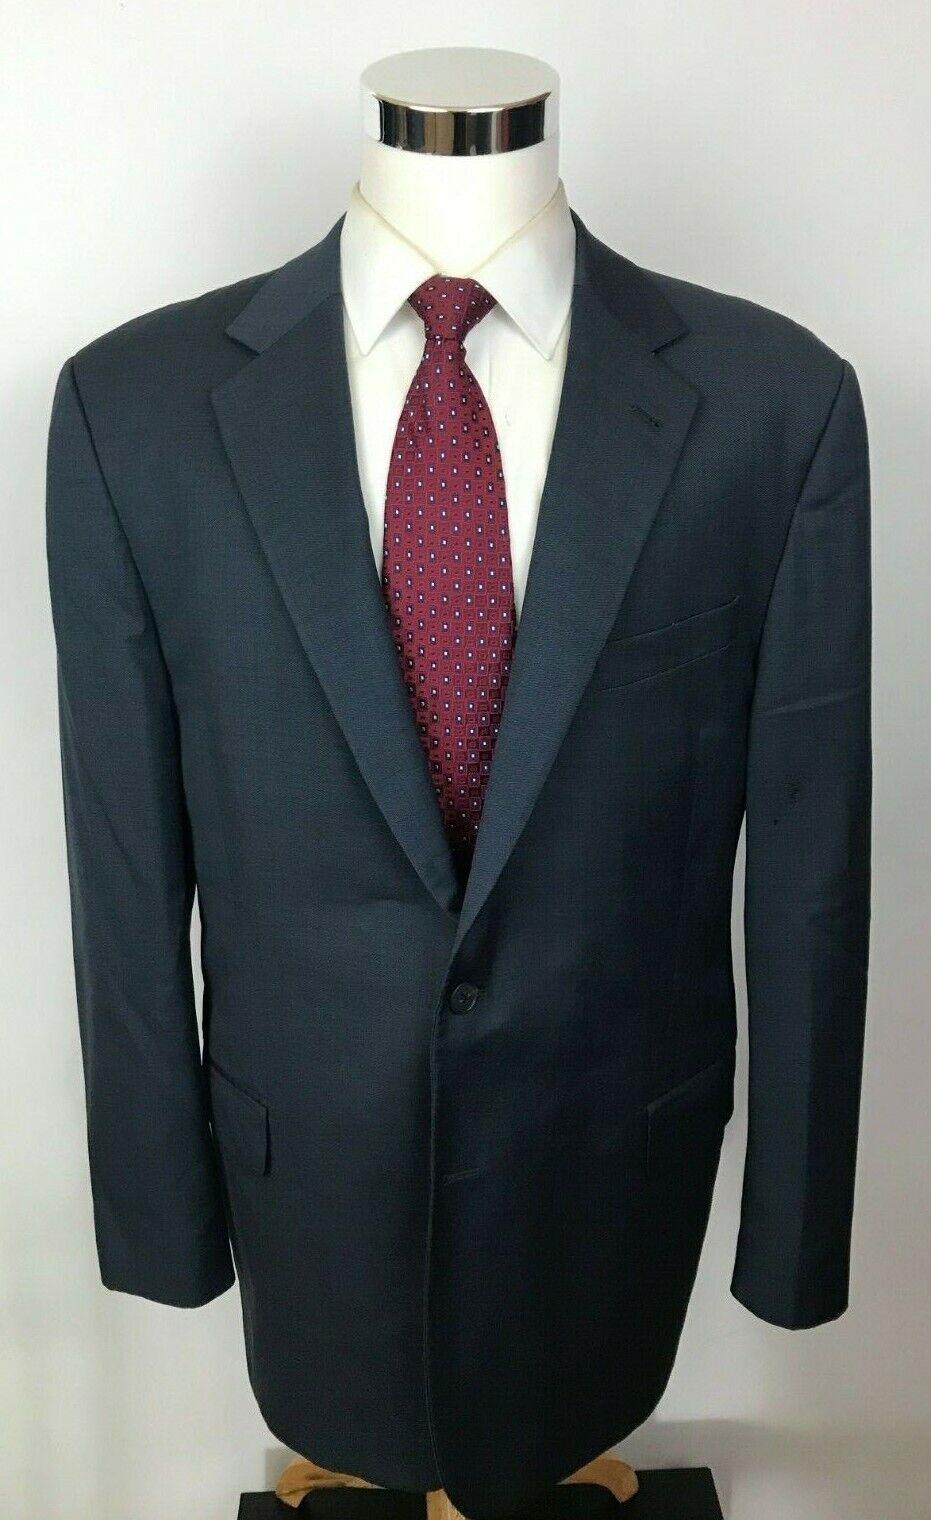 Joseph Abboud Current Super 160's Wool bluee Birdseye 2 Button Suit 46L 36x30